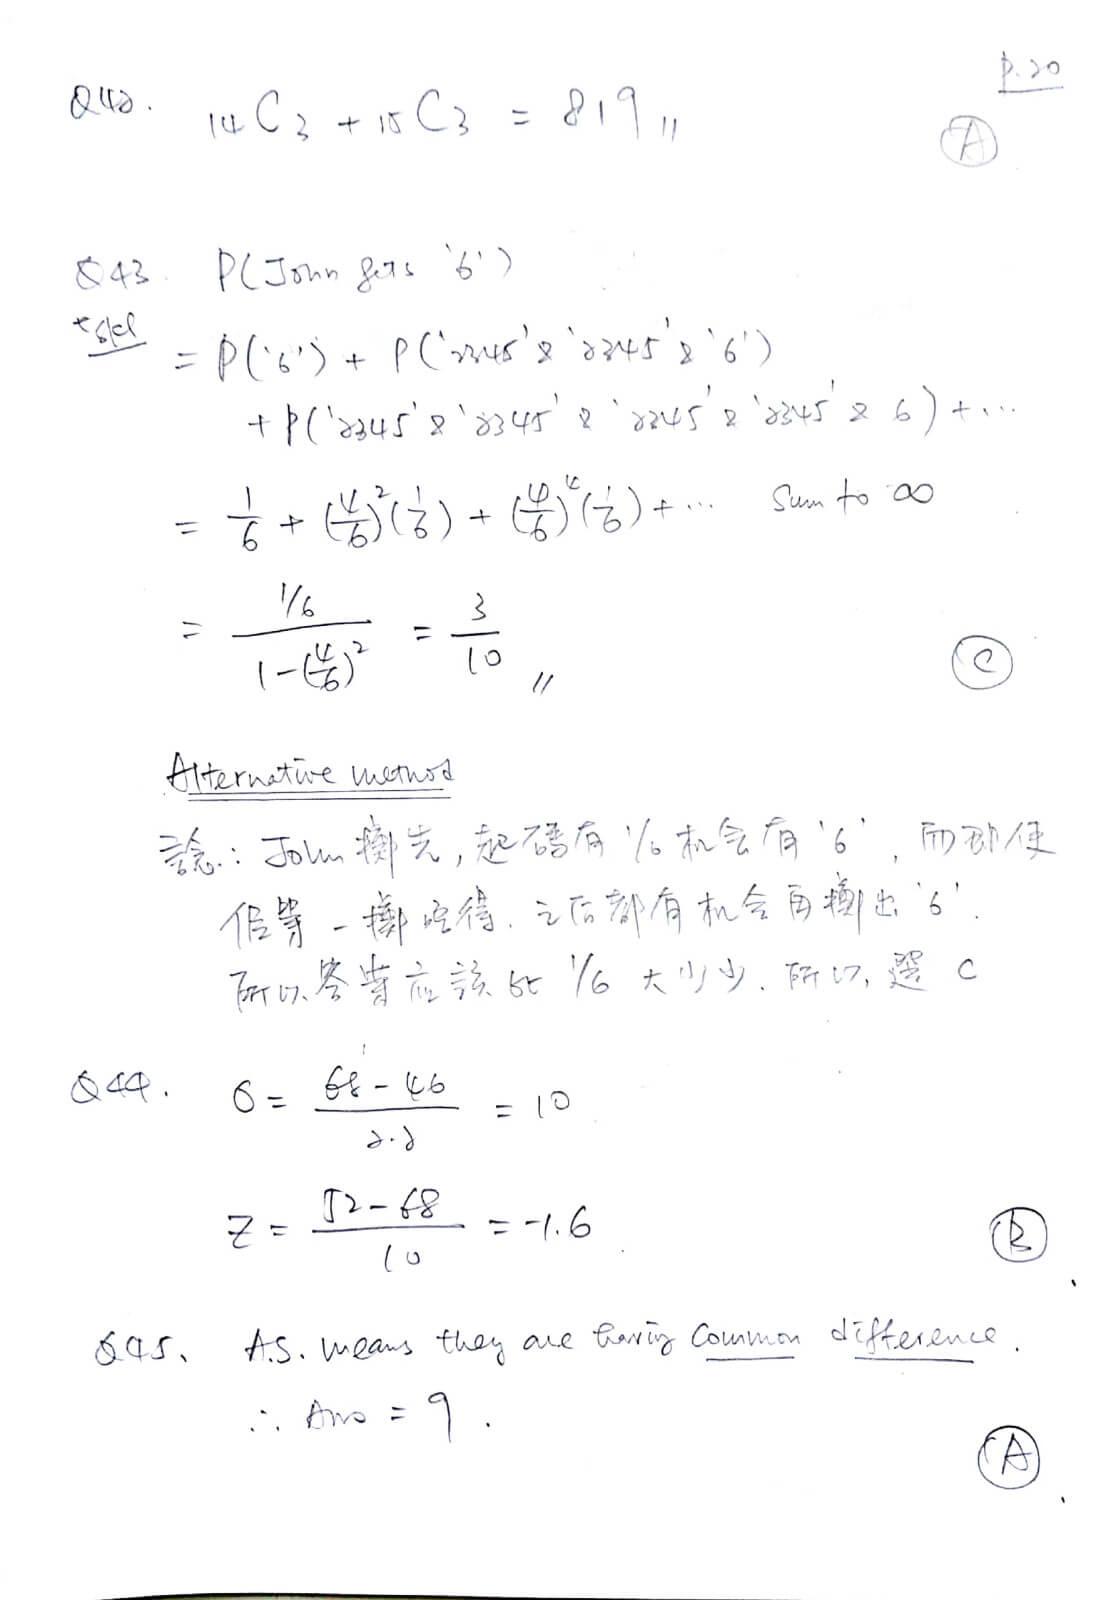 2018 DSE 數學卷二(MC) 詳細答案 Q42,43,44,45